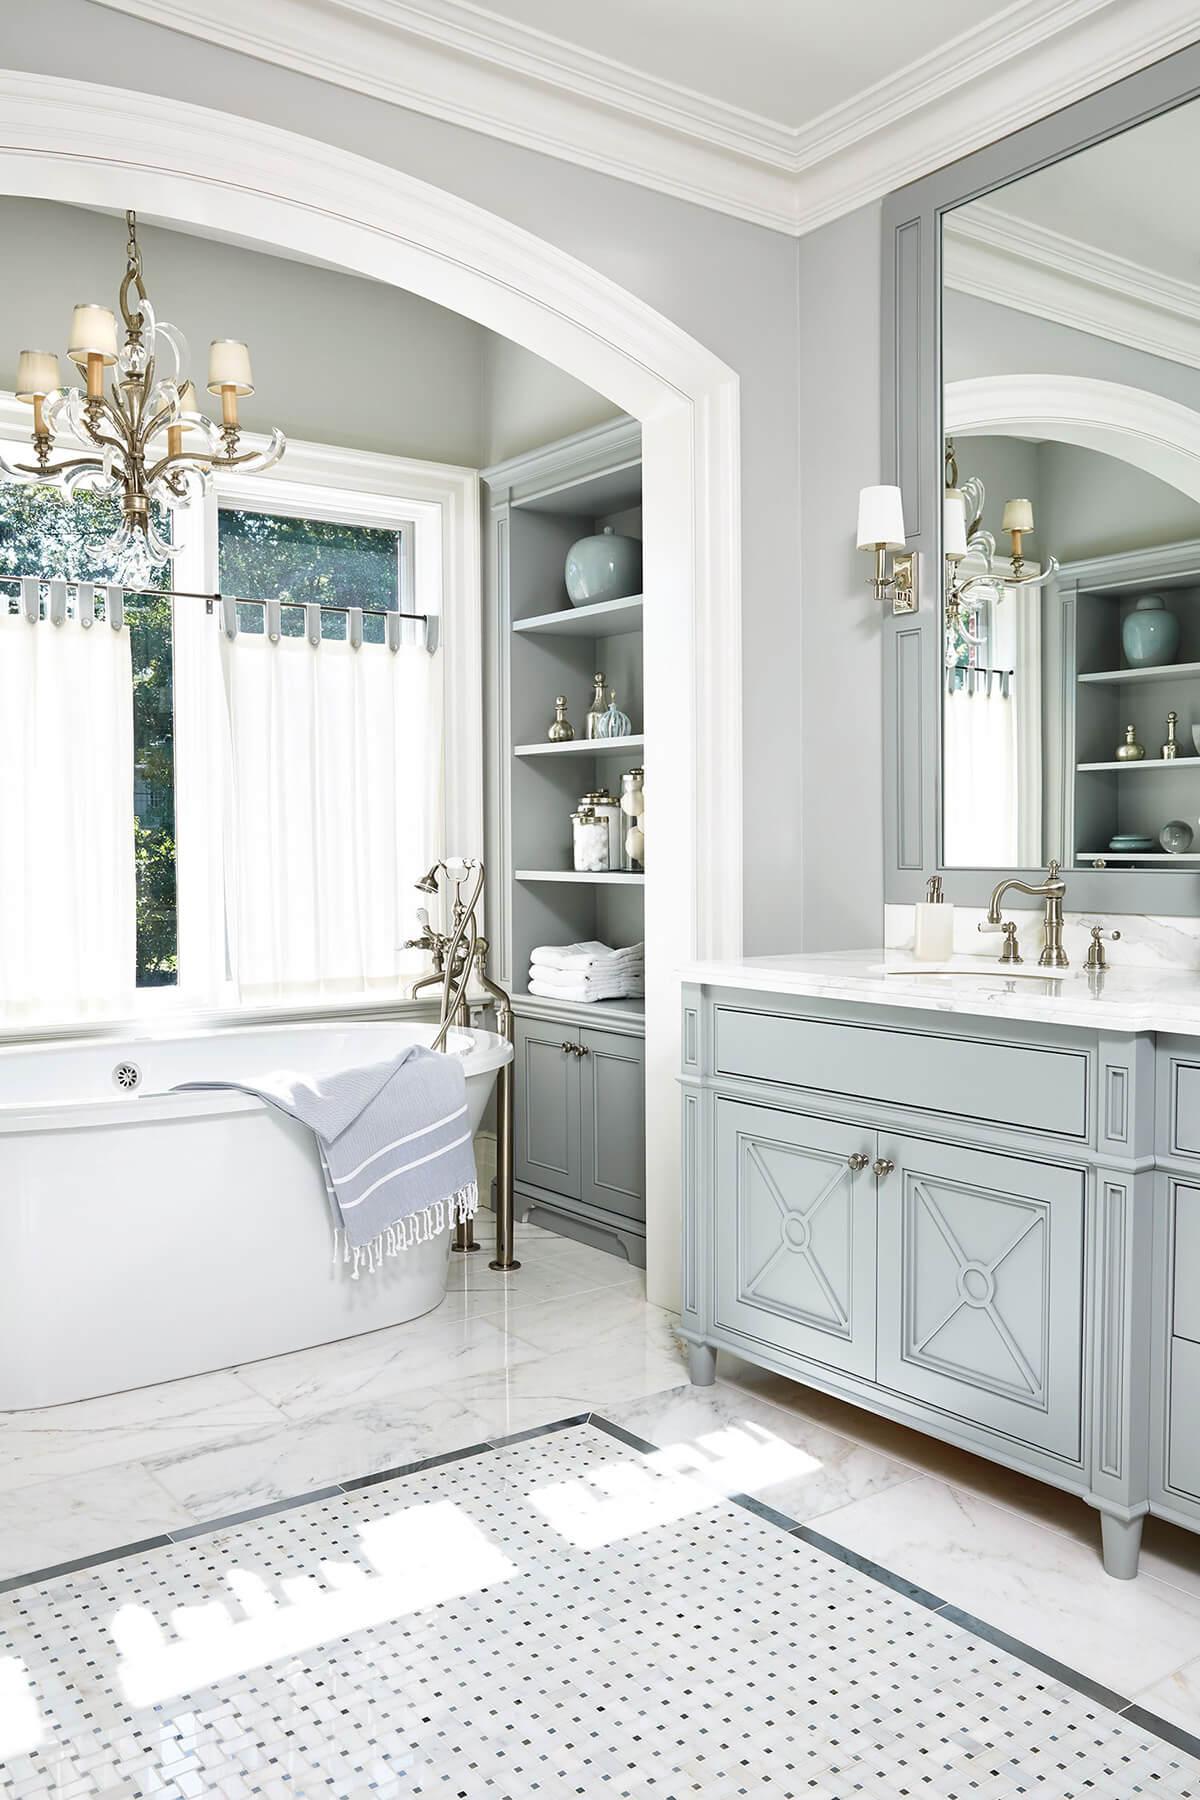 Classy Farmhouse-Style Bathroom